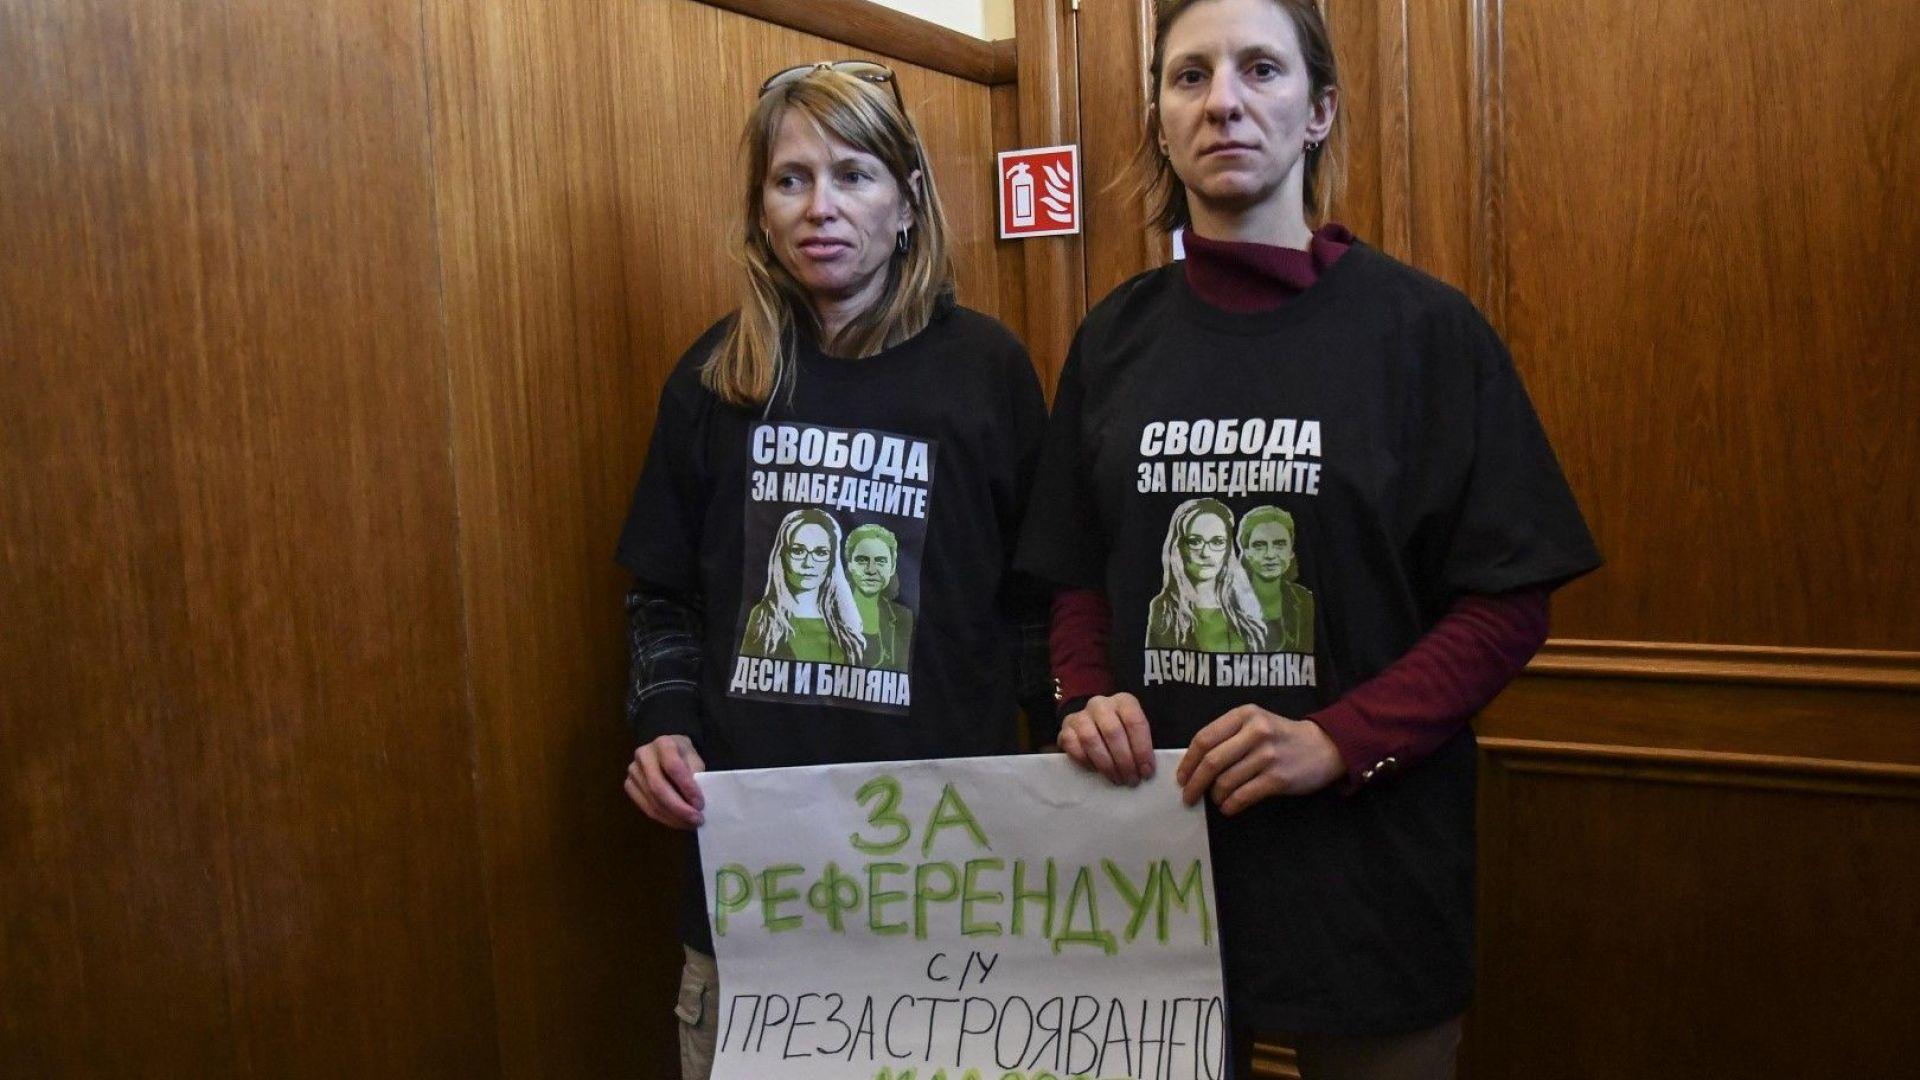 Свидетел по делото срещу Иванчева се отметна от показанията си